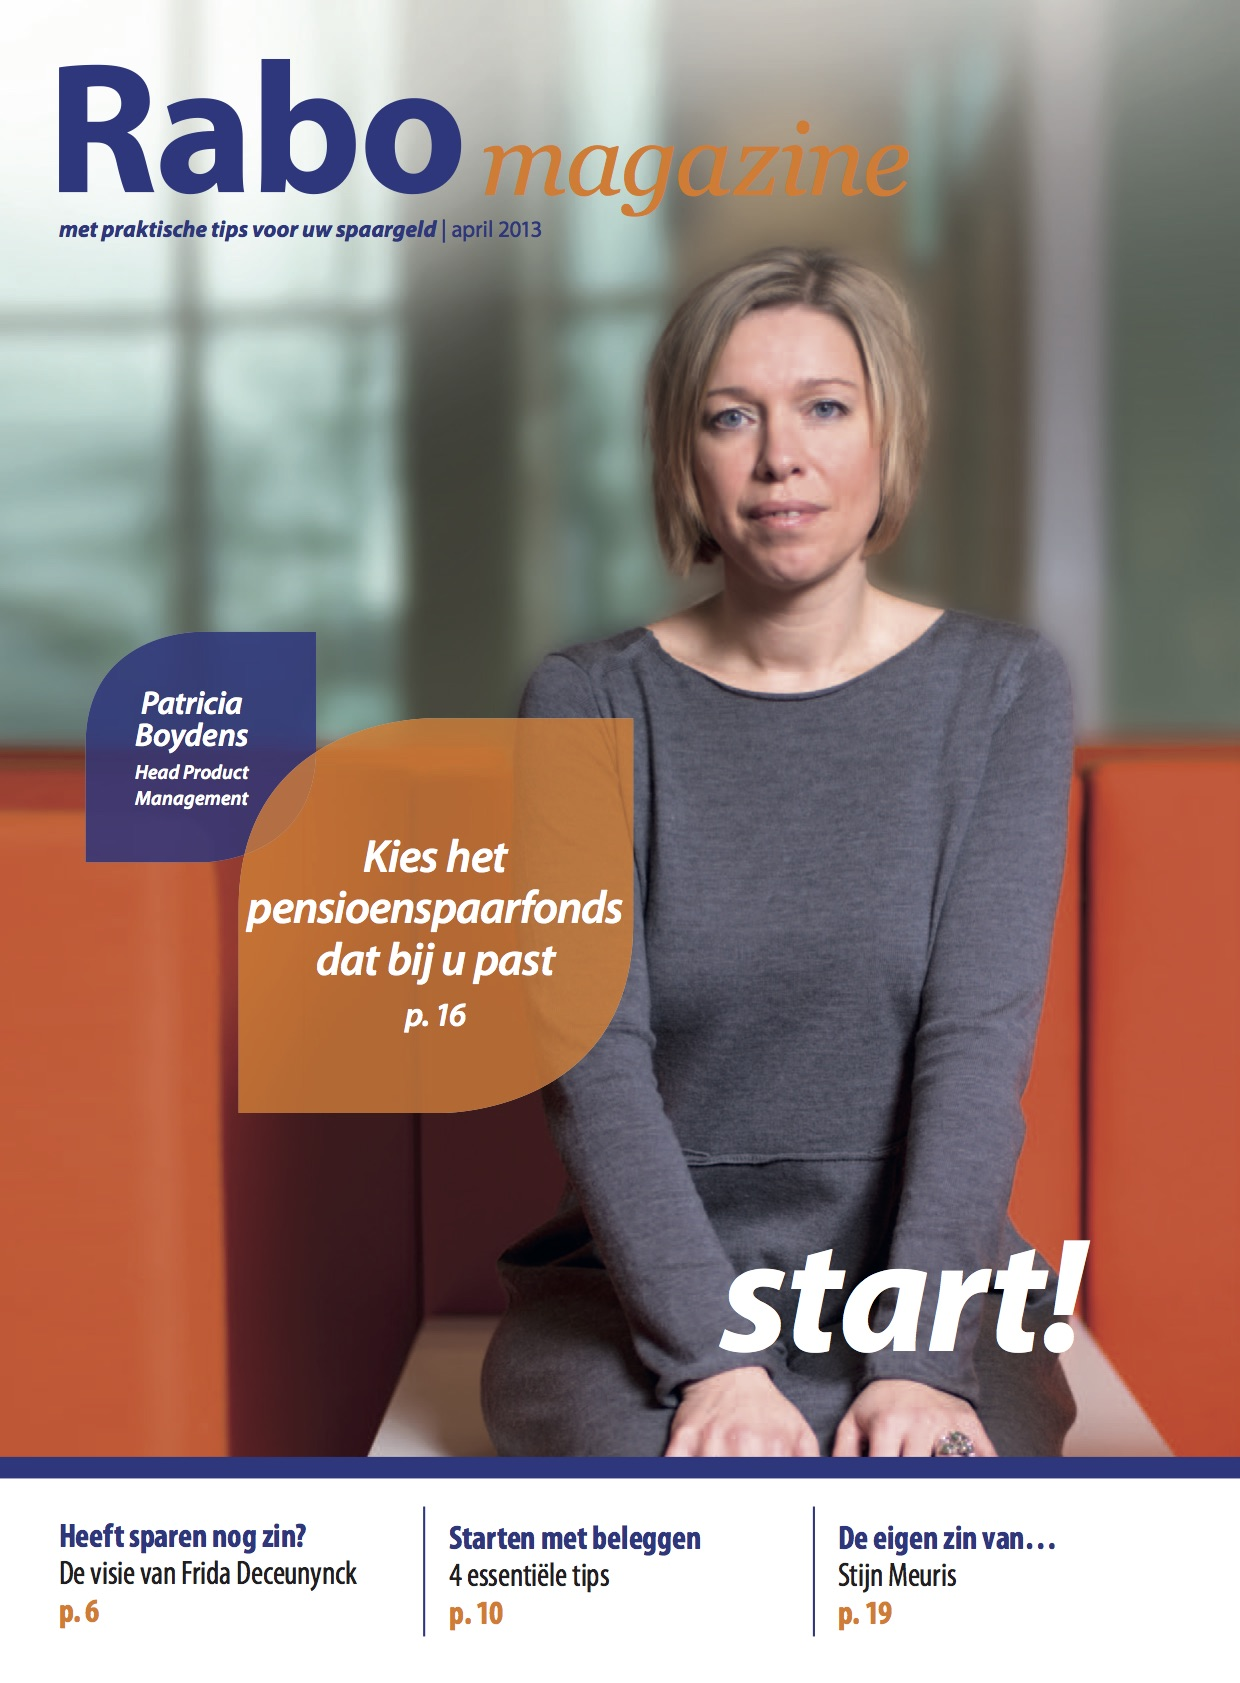 Rabo Magazine – B2C Magazine van Rabobank voor particuliere klanten. Redactie en interviews met werknemers van Rabobank en financiële experts.